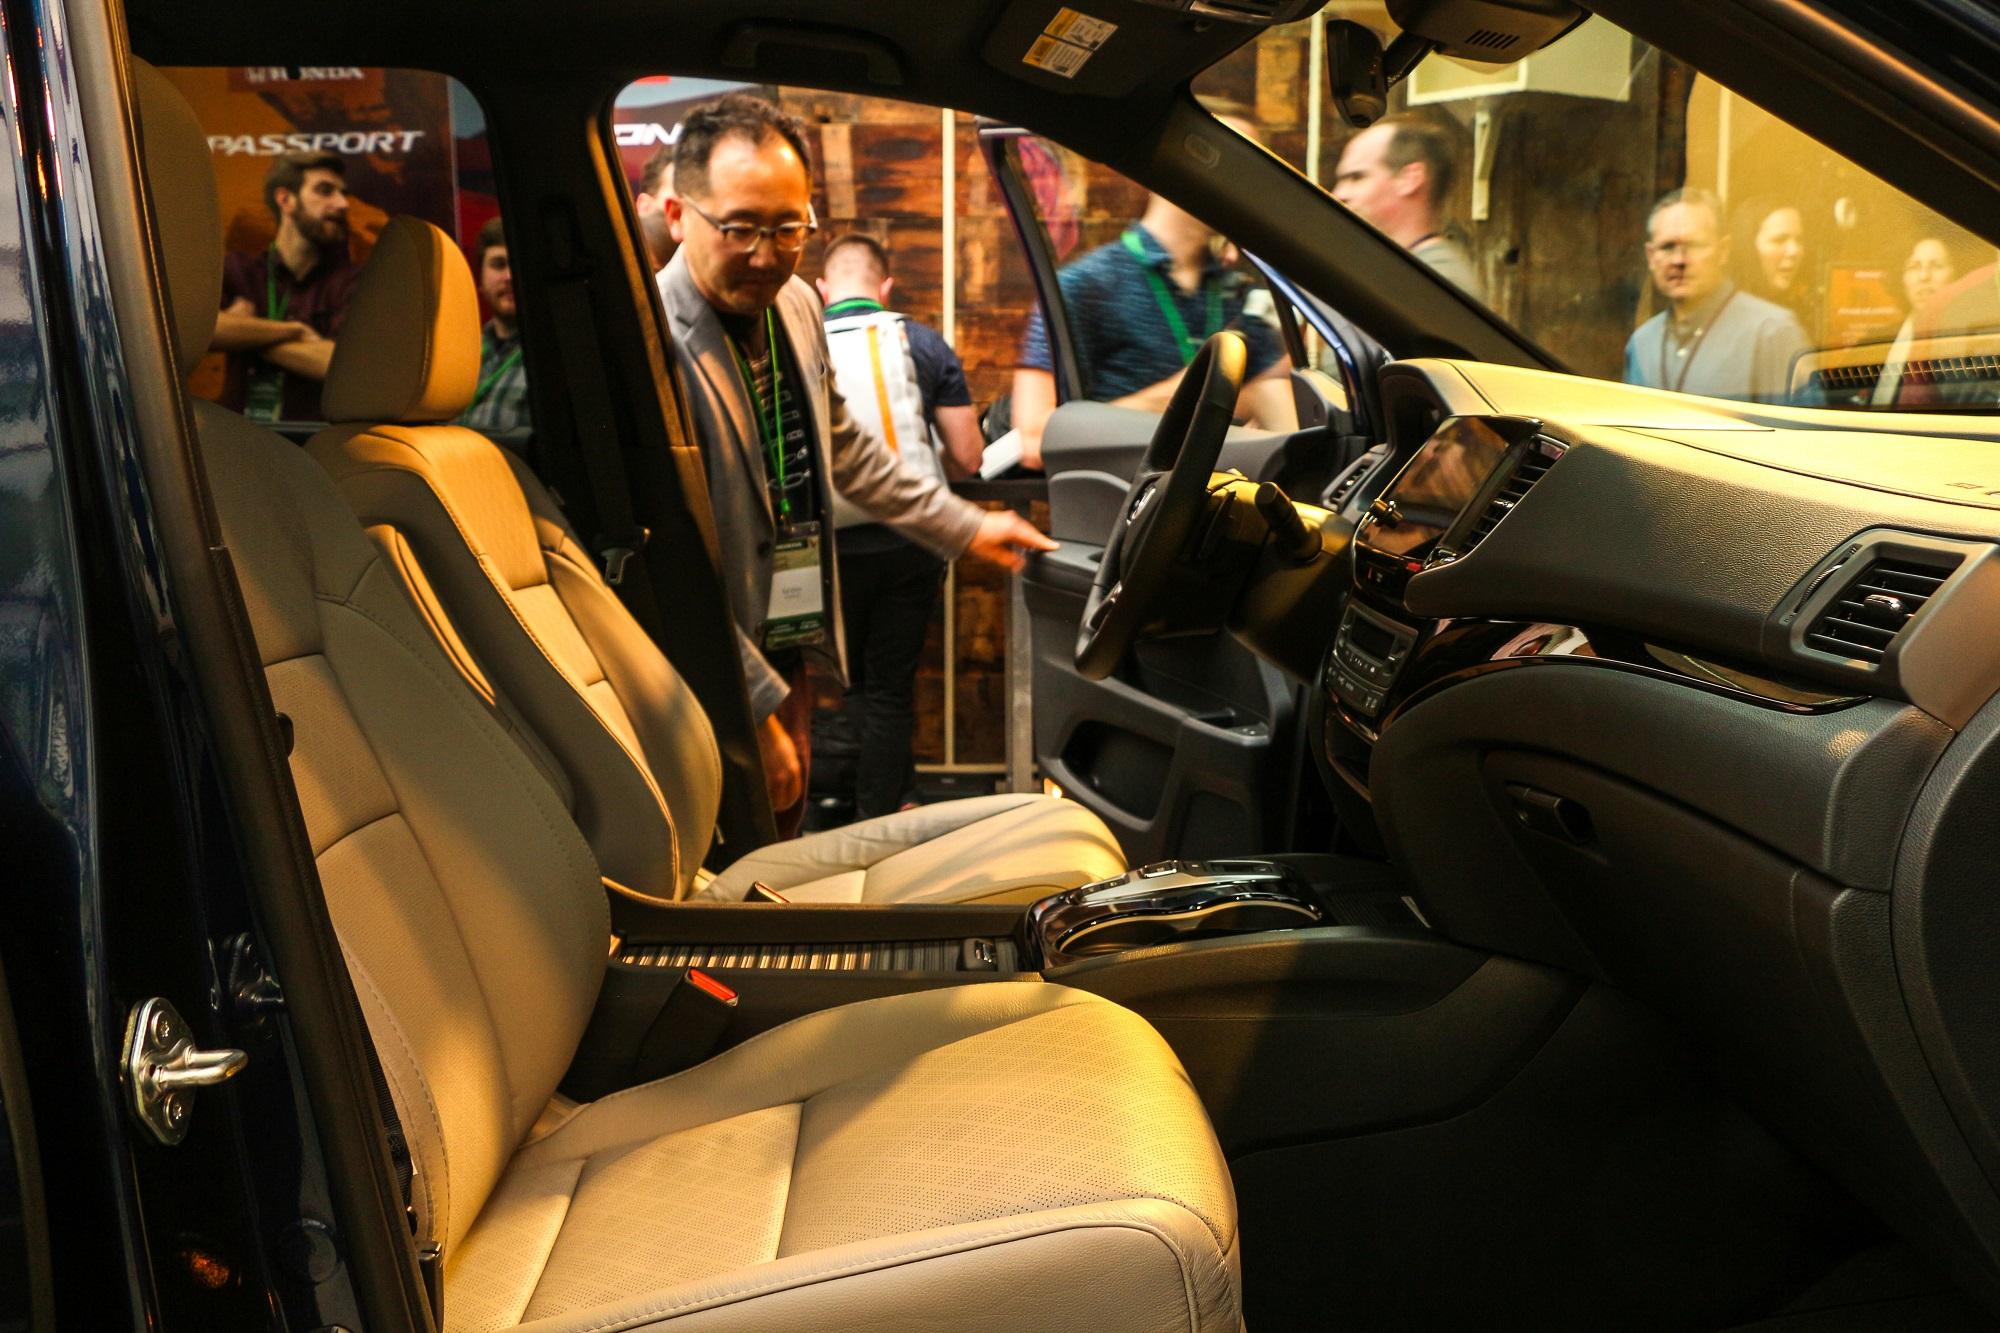 2019 Honda Passport SUV Reveal LA Auto Show Honda-tech.com